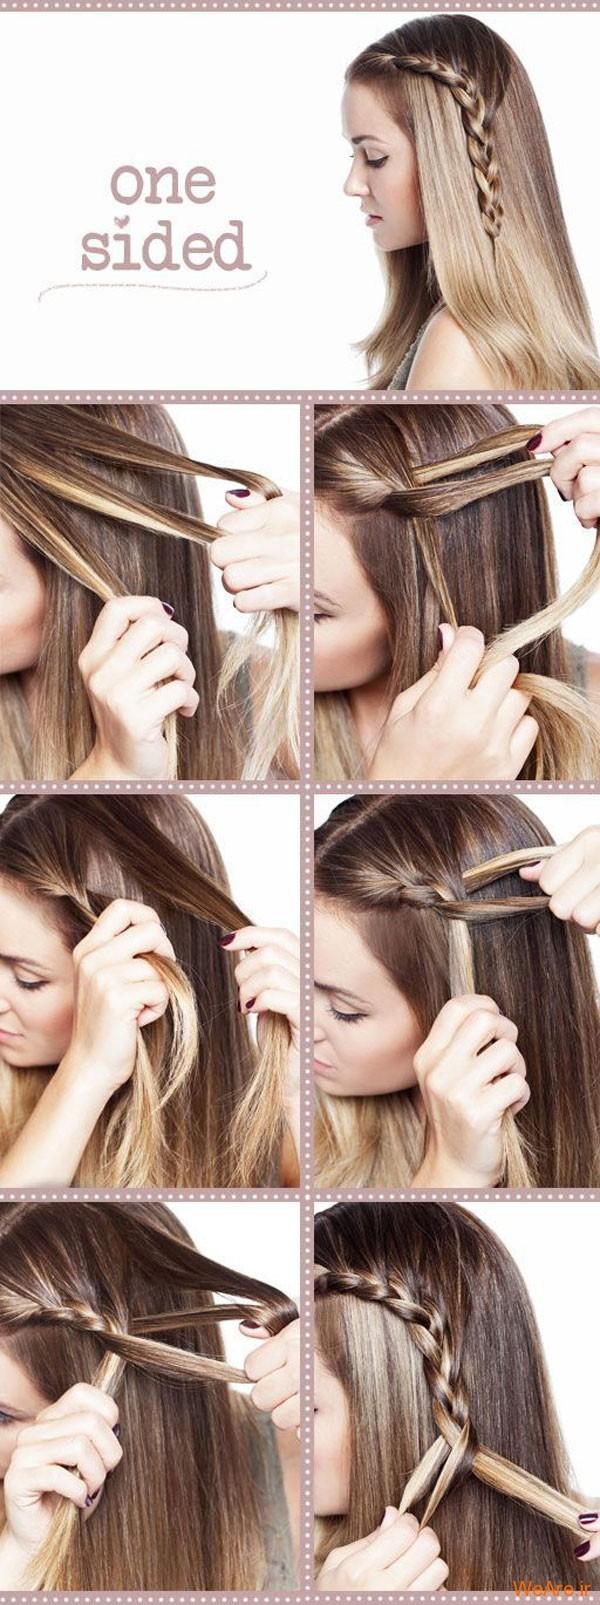 روش های بستن مو (9)